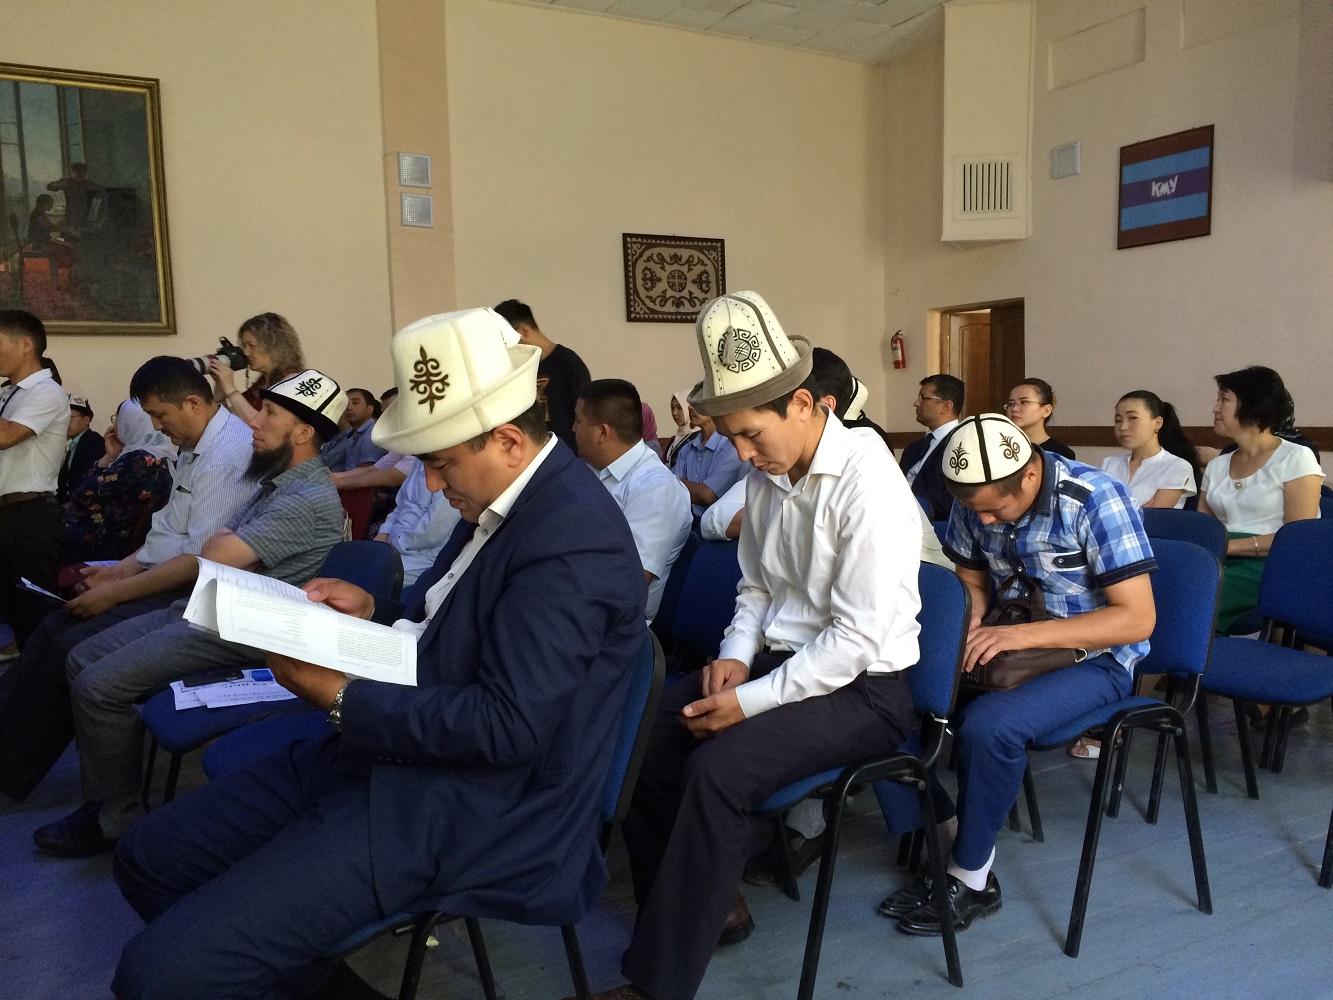 Теологический колледж в Кыргызстане выступил против радикализма и терроризма